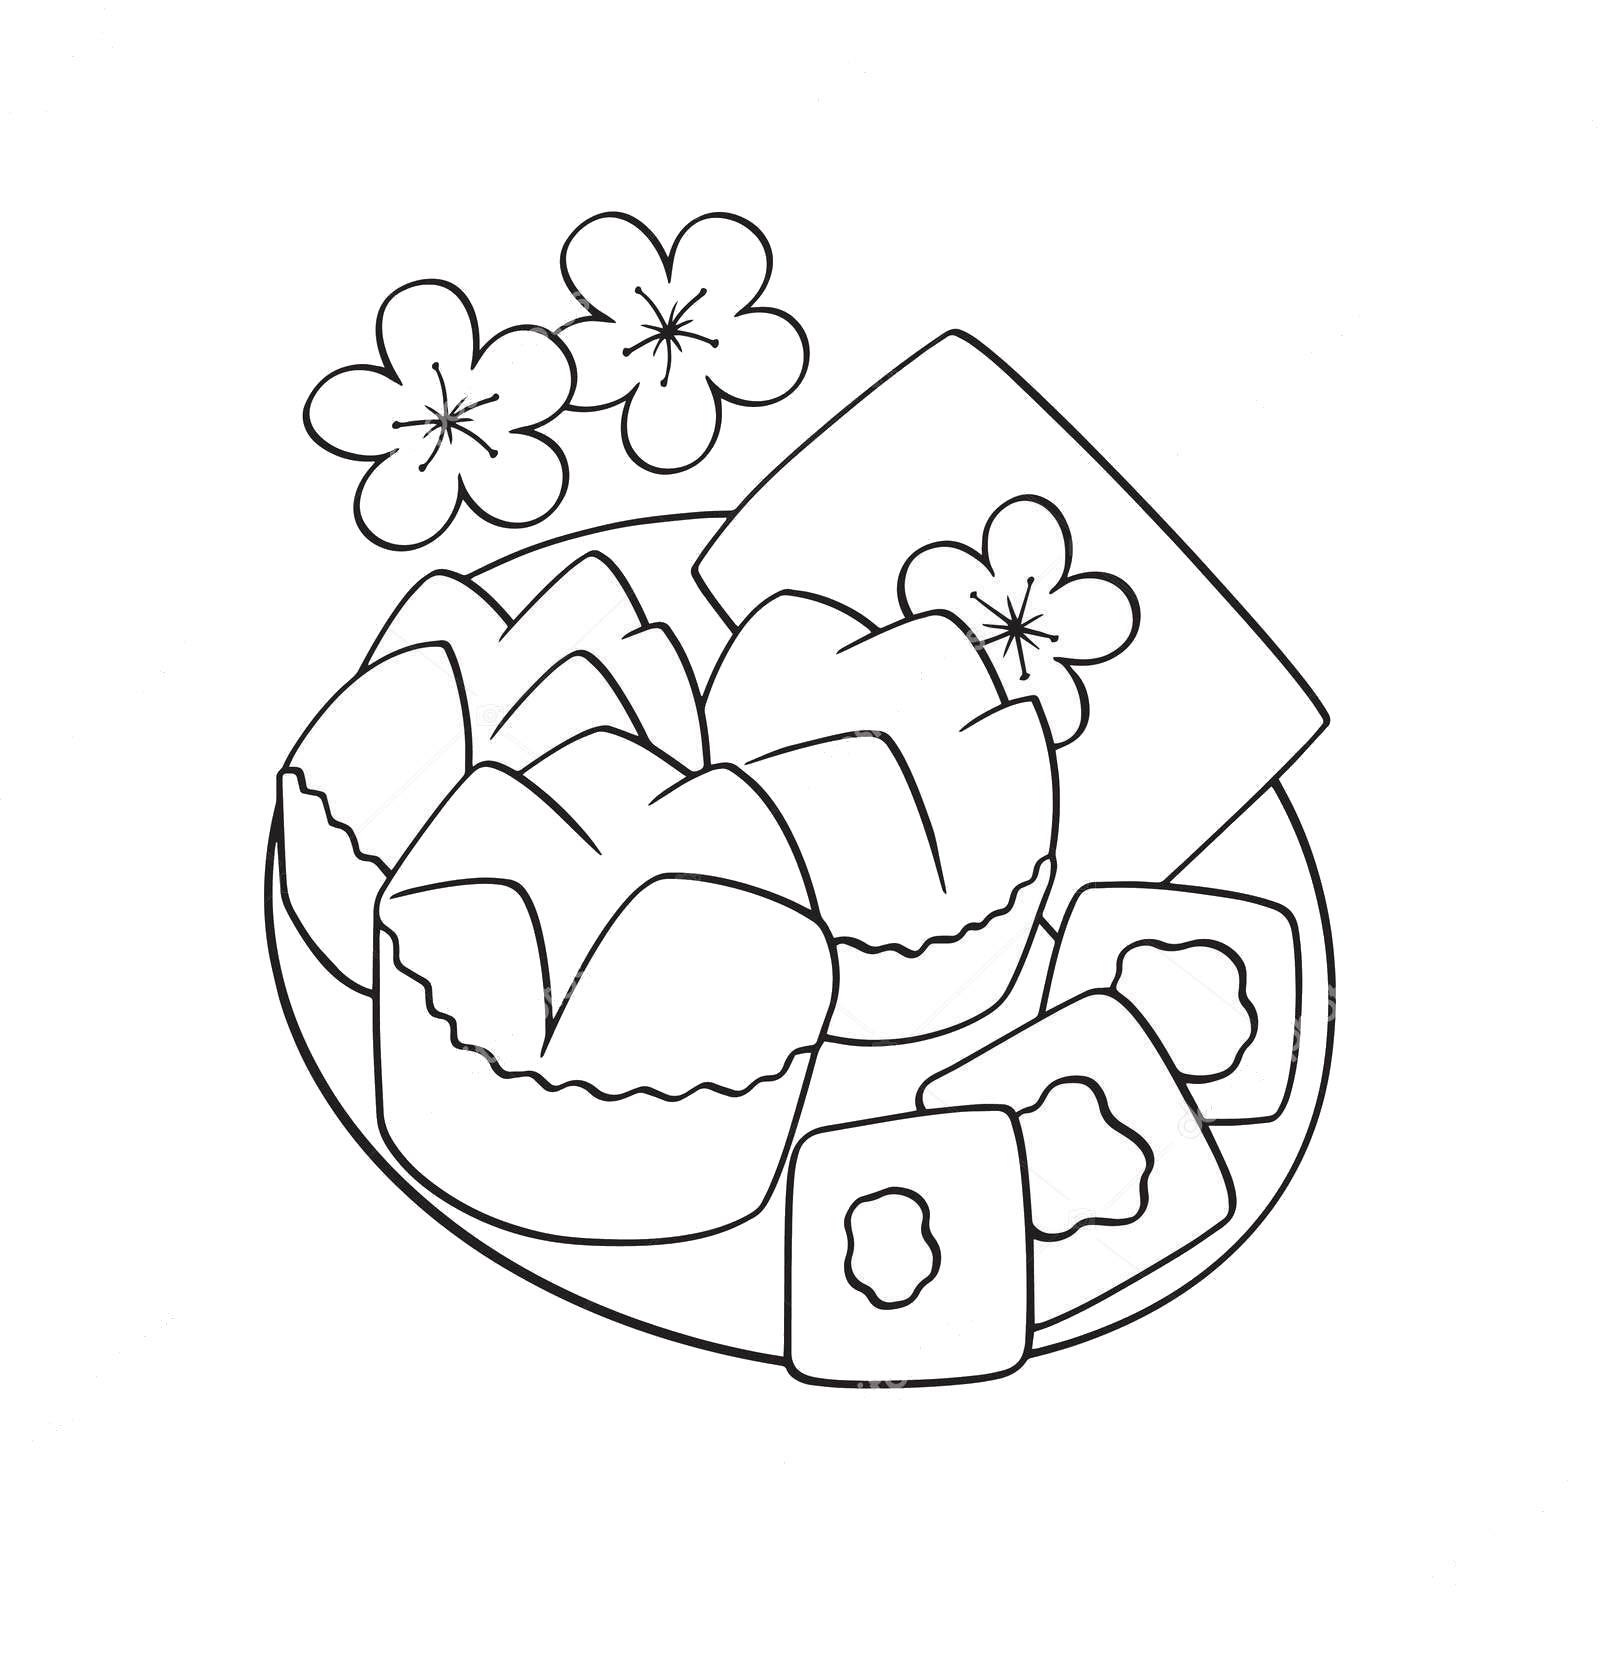 Tranh tô màu đồ ăn ngày tết đẹp